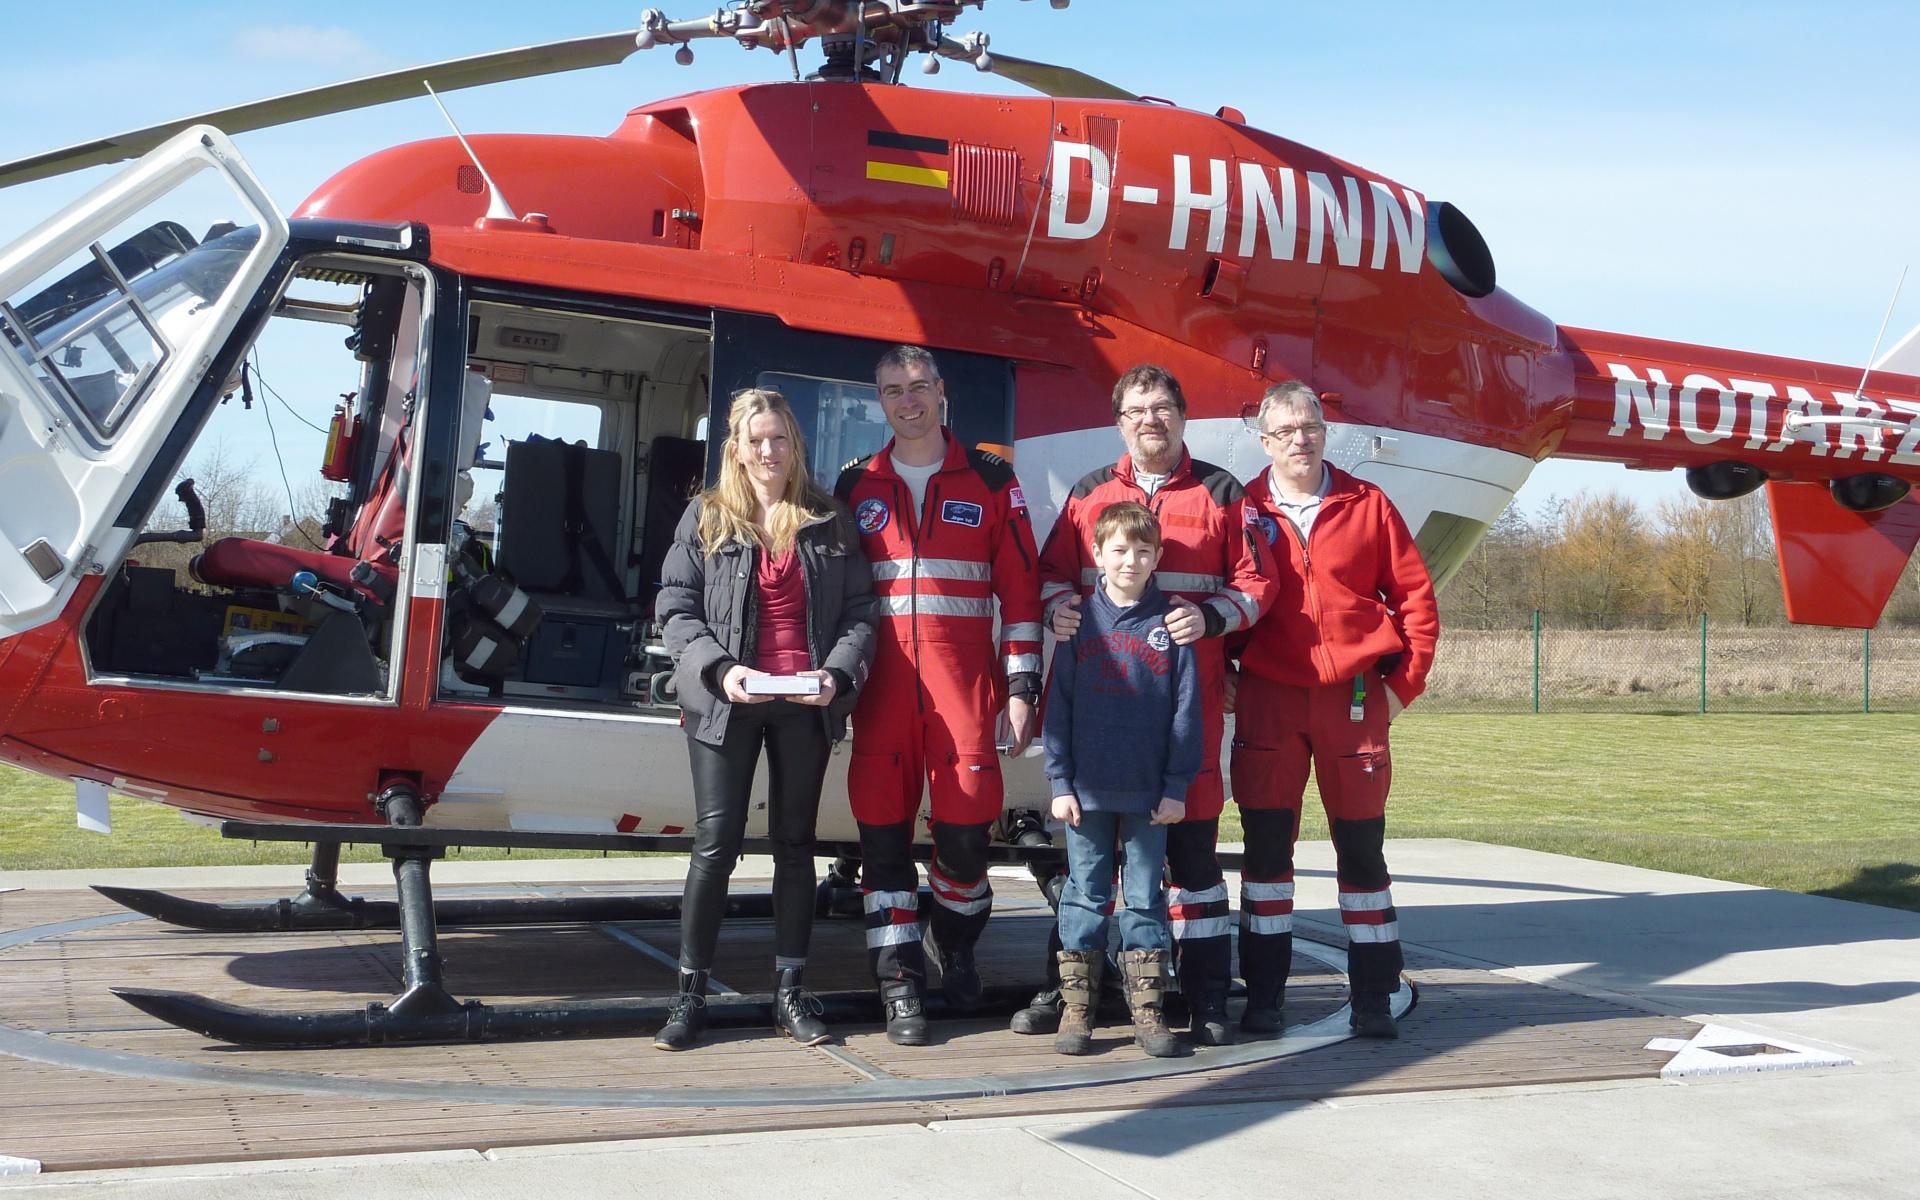 Der Niebüller Rettungshubschrauber ist ein wichtiges Puzzlestück für die notfallmedizinische Versorgung der Region.